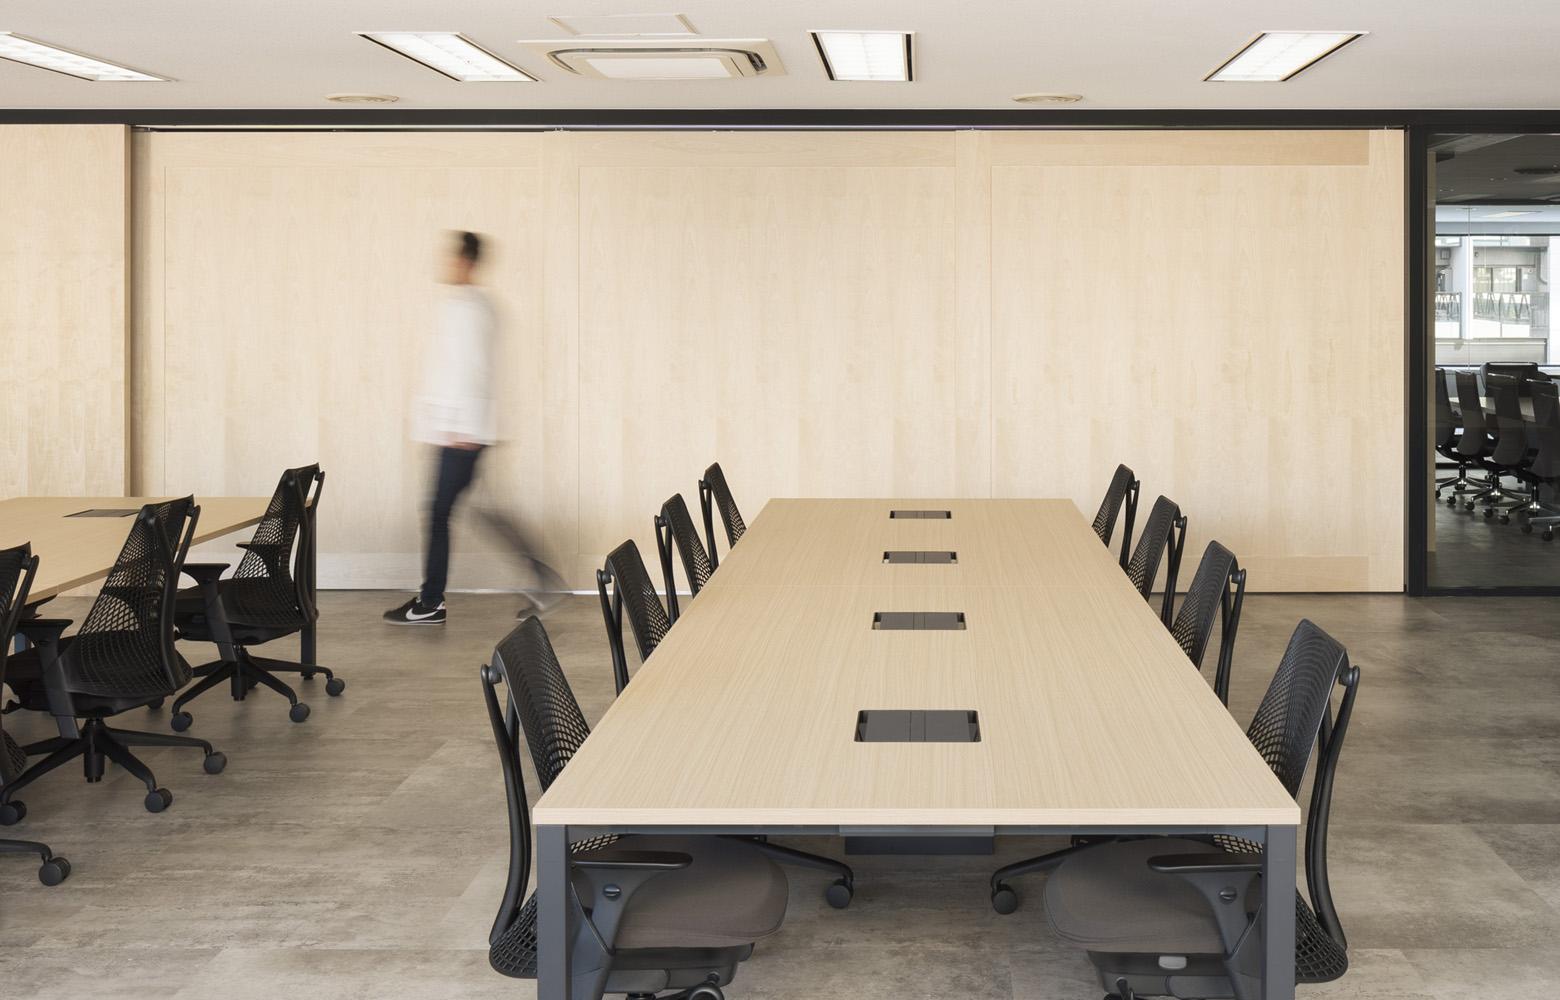 リンクタイズ株式会社壁・壁面